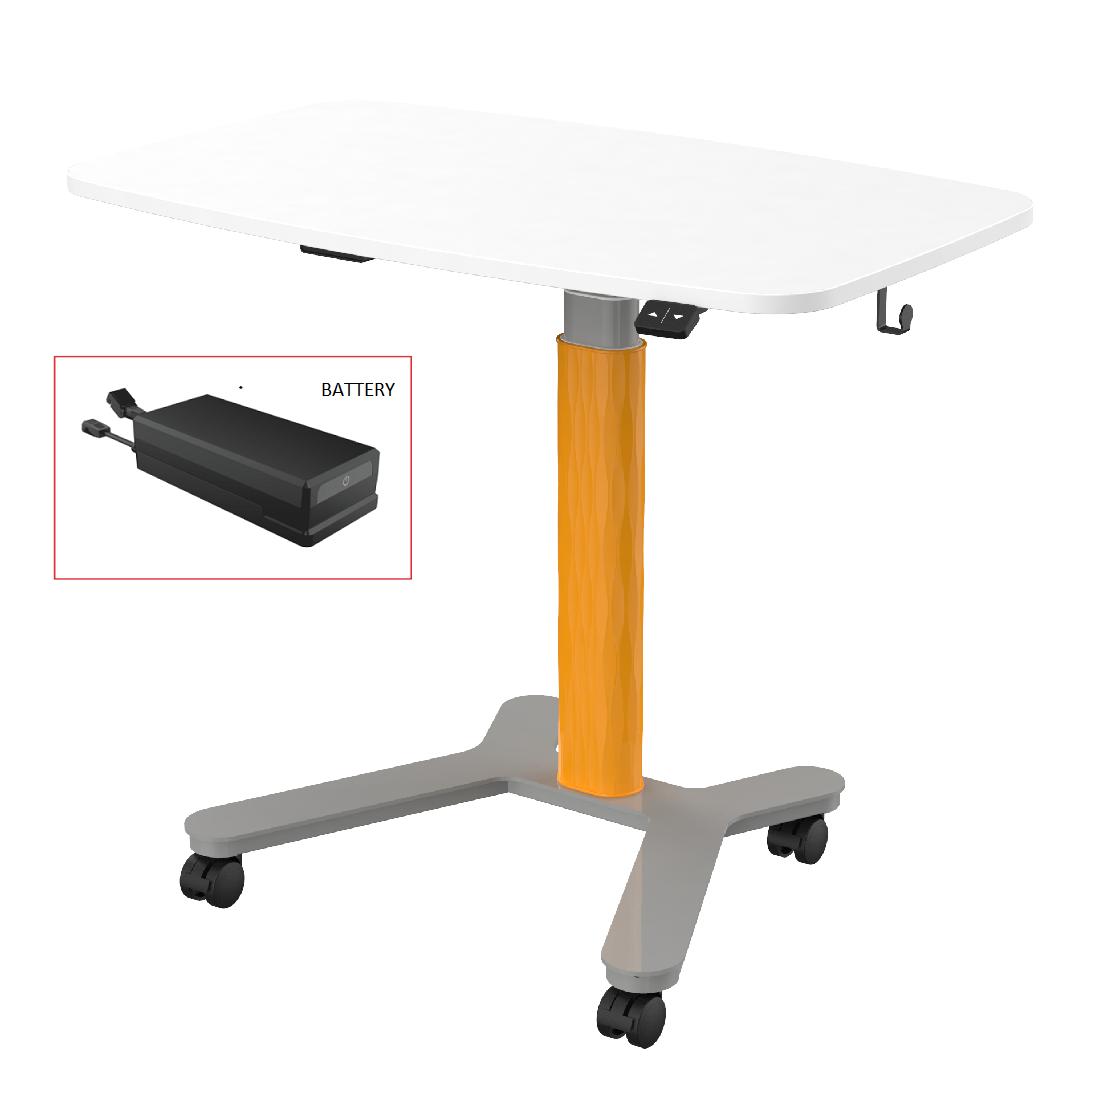 def28 seda battery - Delso - dětský, kancelářský a bytový nábytek